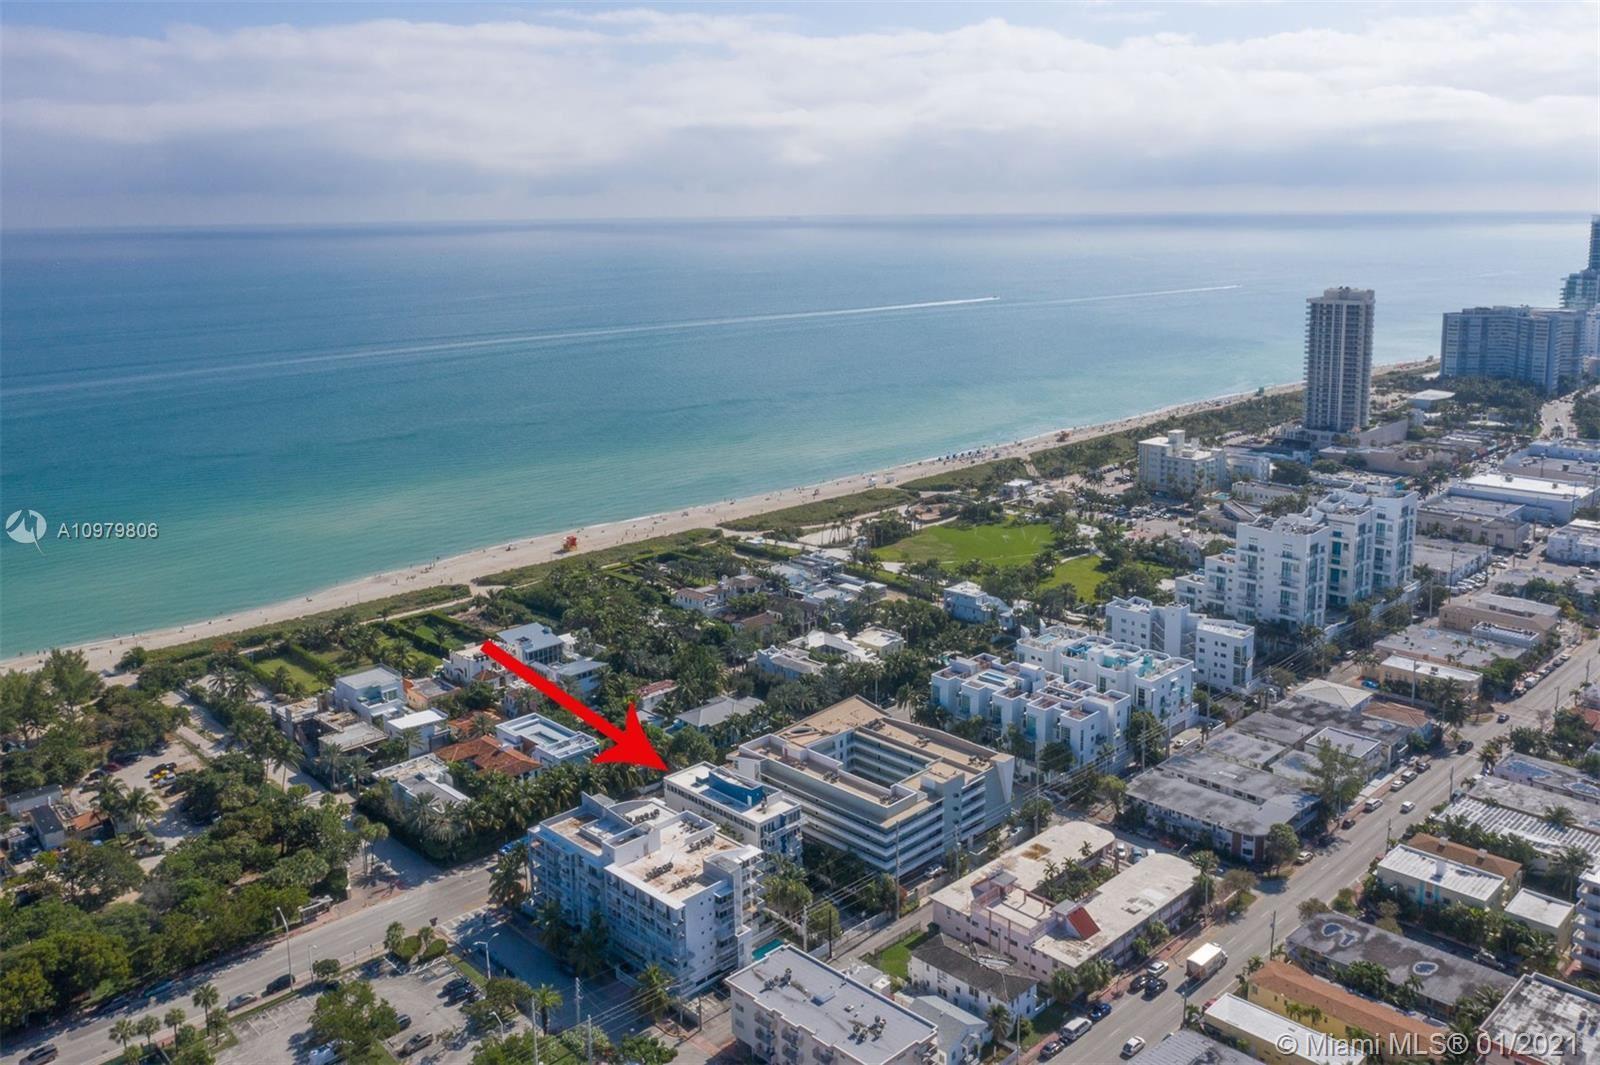 7824 Collins Ave #201, Miami Beach, FL 33141 - #: A10979806